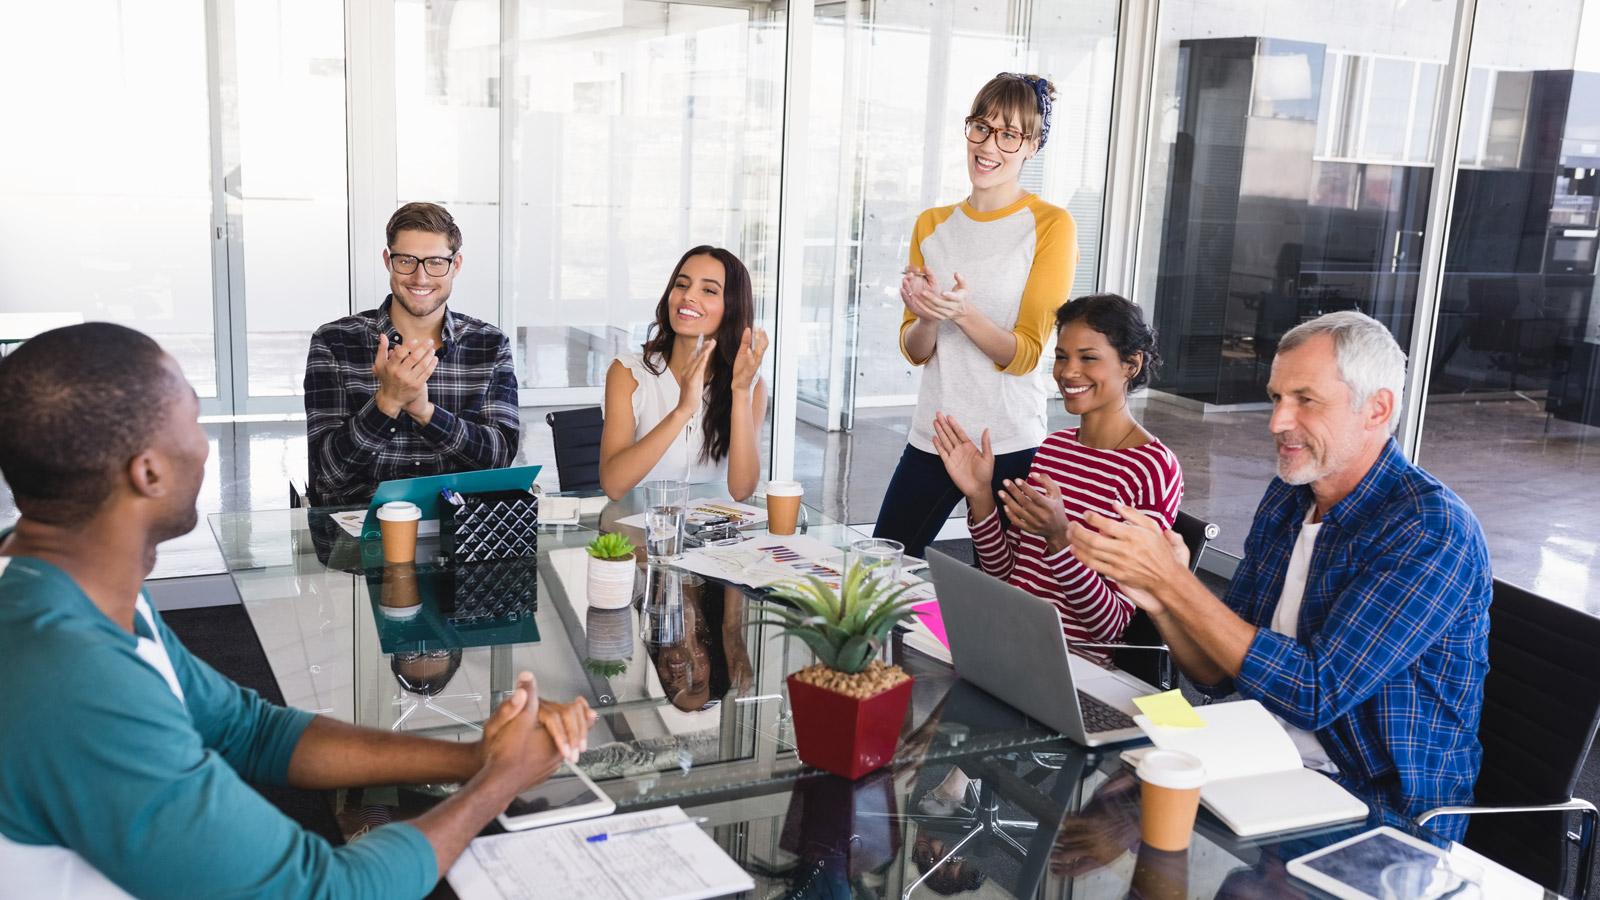 Te firmy pokazują, że w trudnych czasach można odnieść sukces Koronakryzys mediarun sukces firma rozwoj 2020